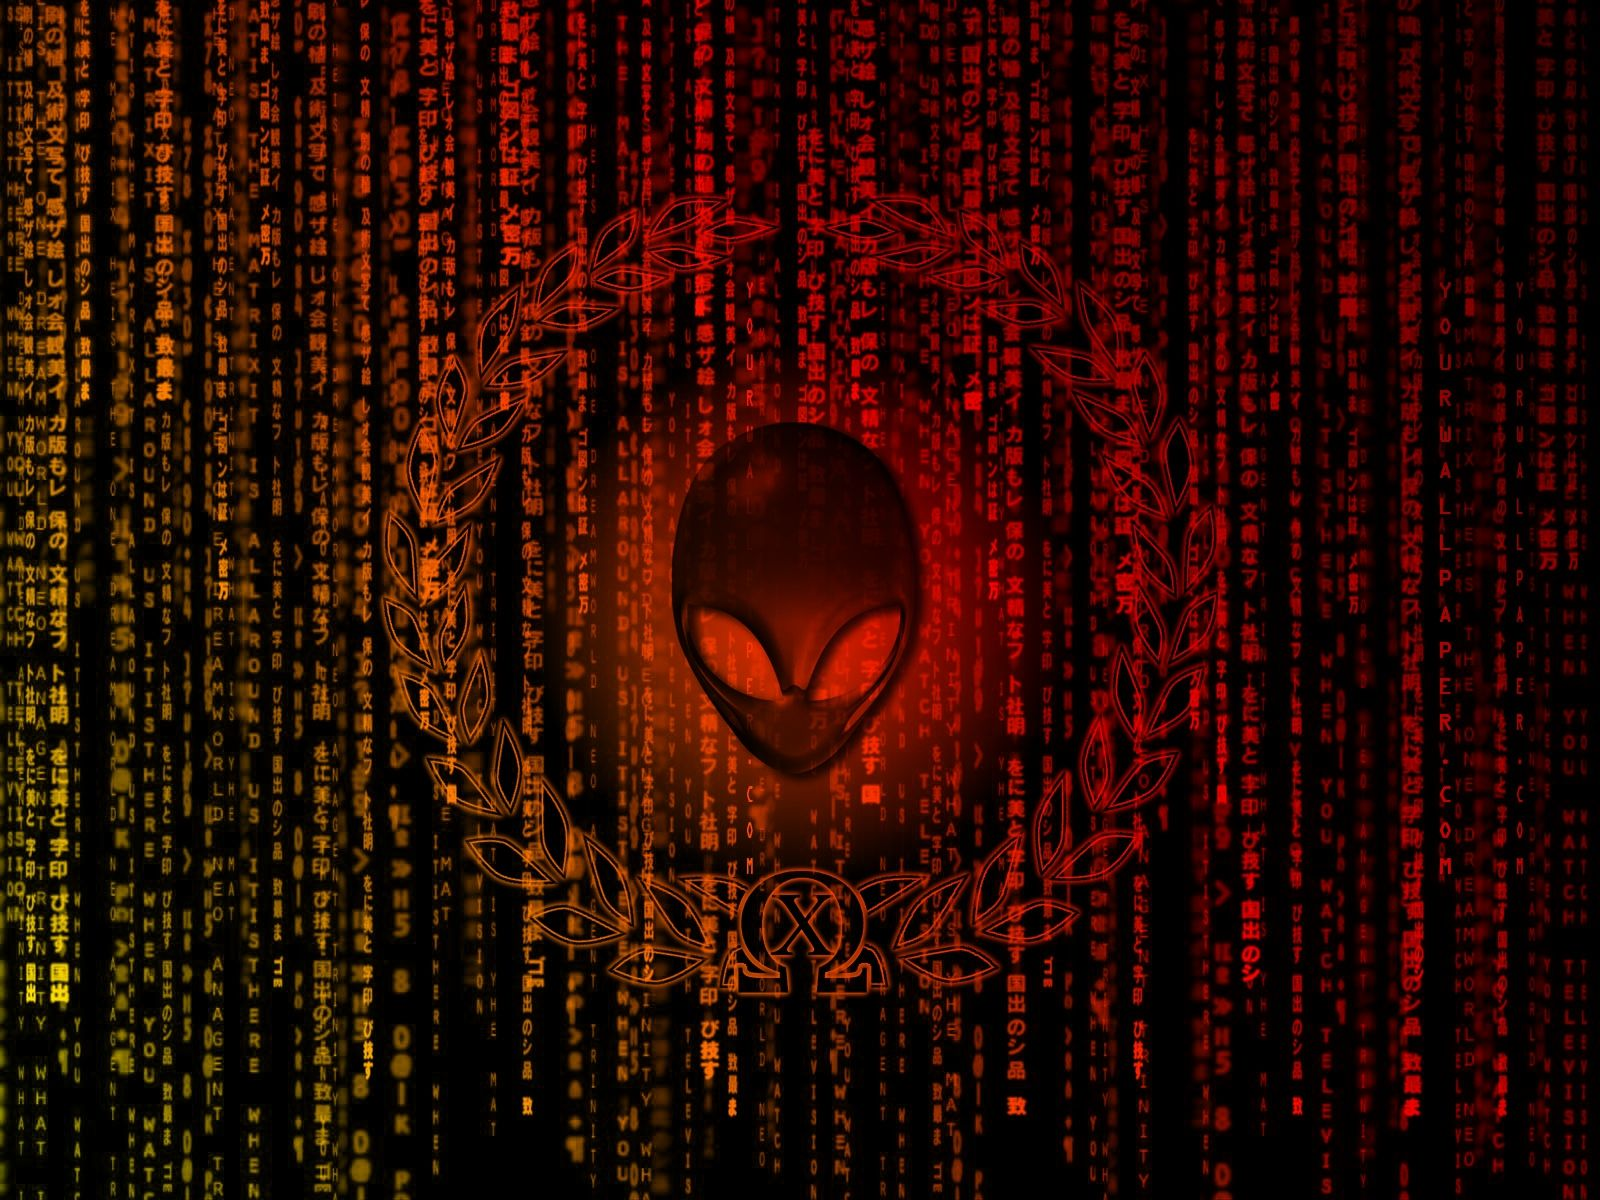 Hd Alienware Red Wallpaper Alienware Desktop Alienware Hd Wallpaper